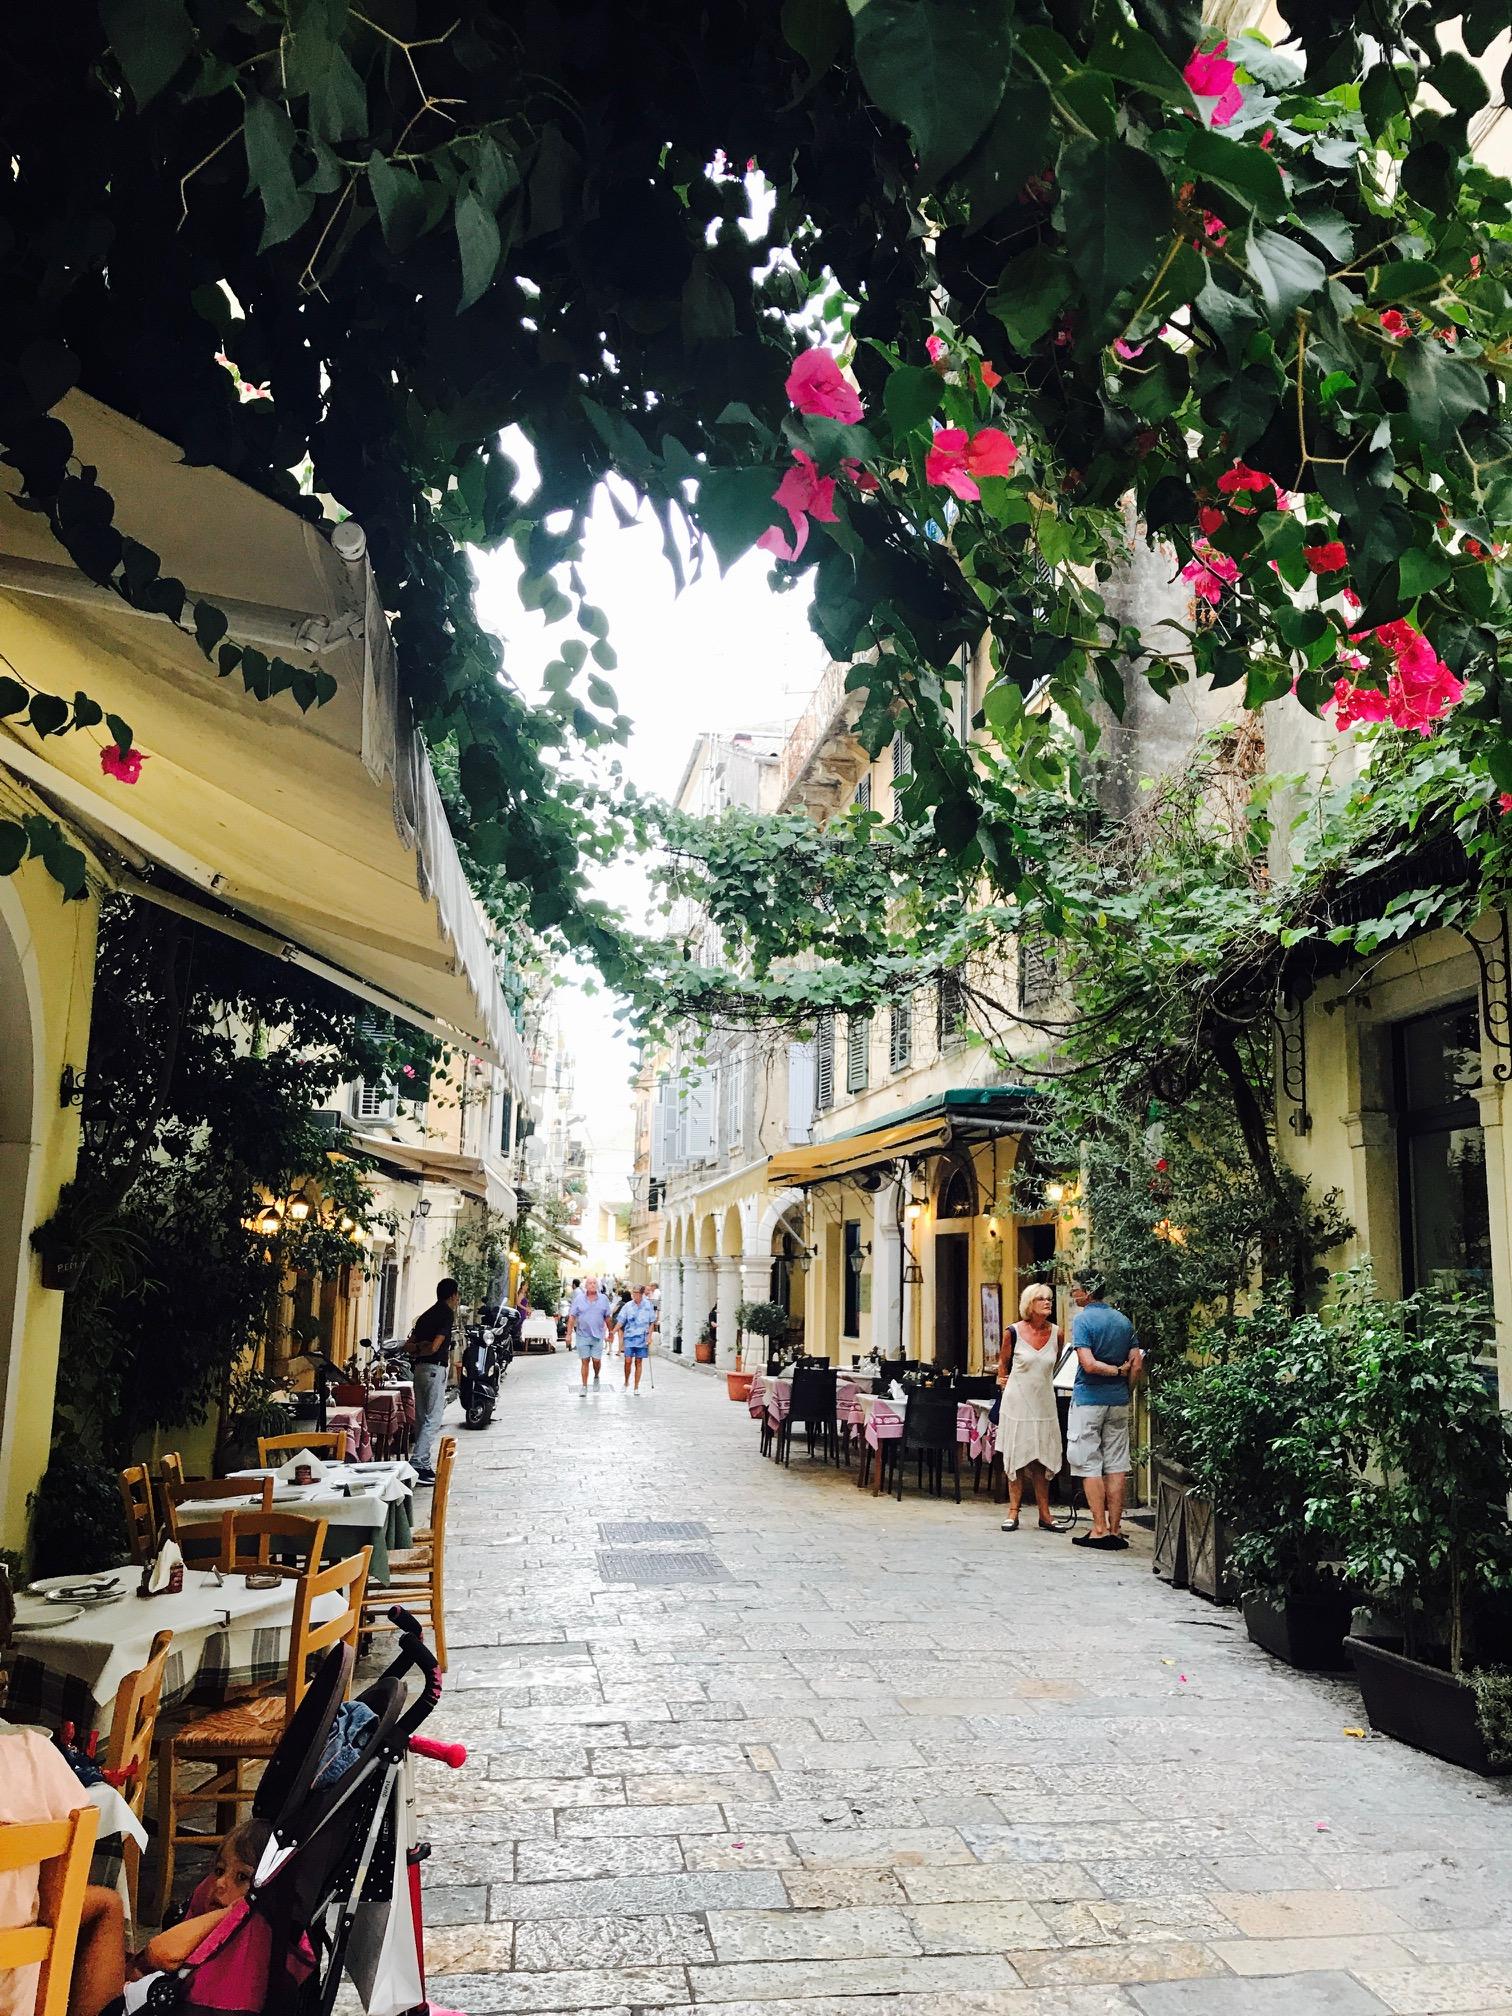 Blick in eine Altstadtgasse auf Korfu, Griechenalnd